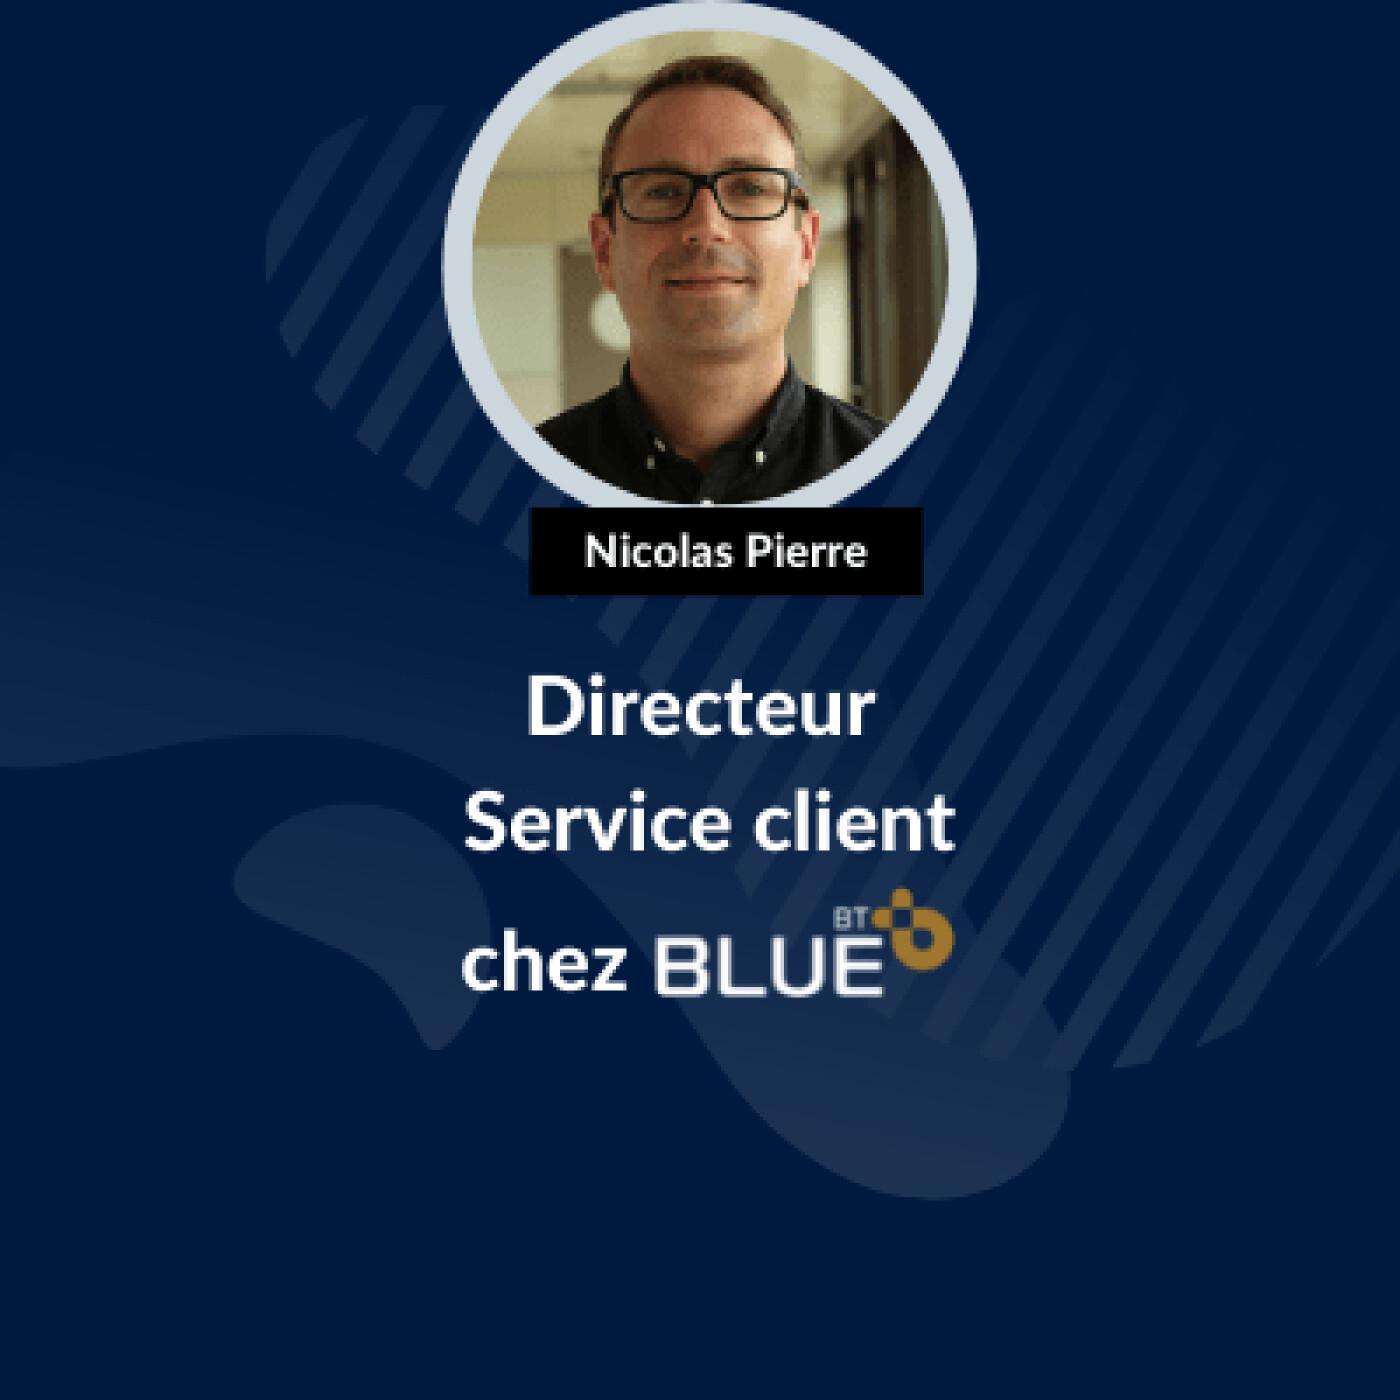 Les coolisses by BLUE - Nicolas Pierre - Directeur Service Client